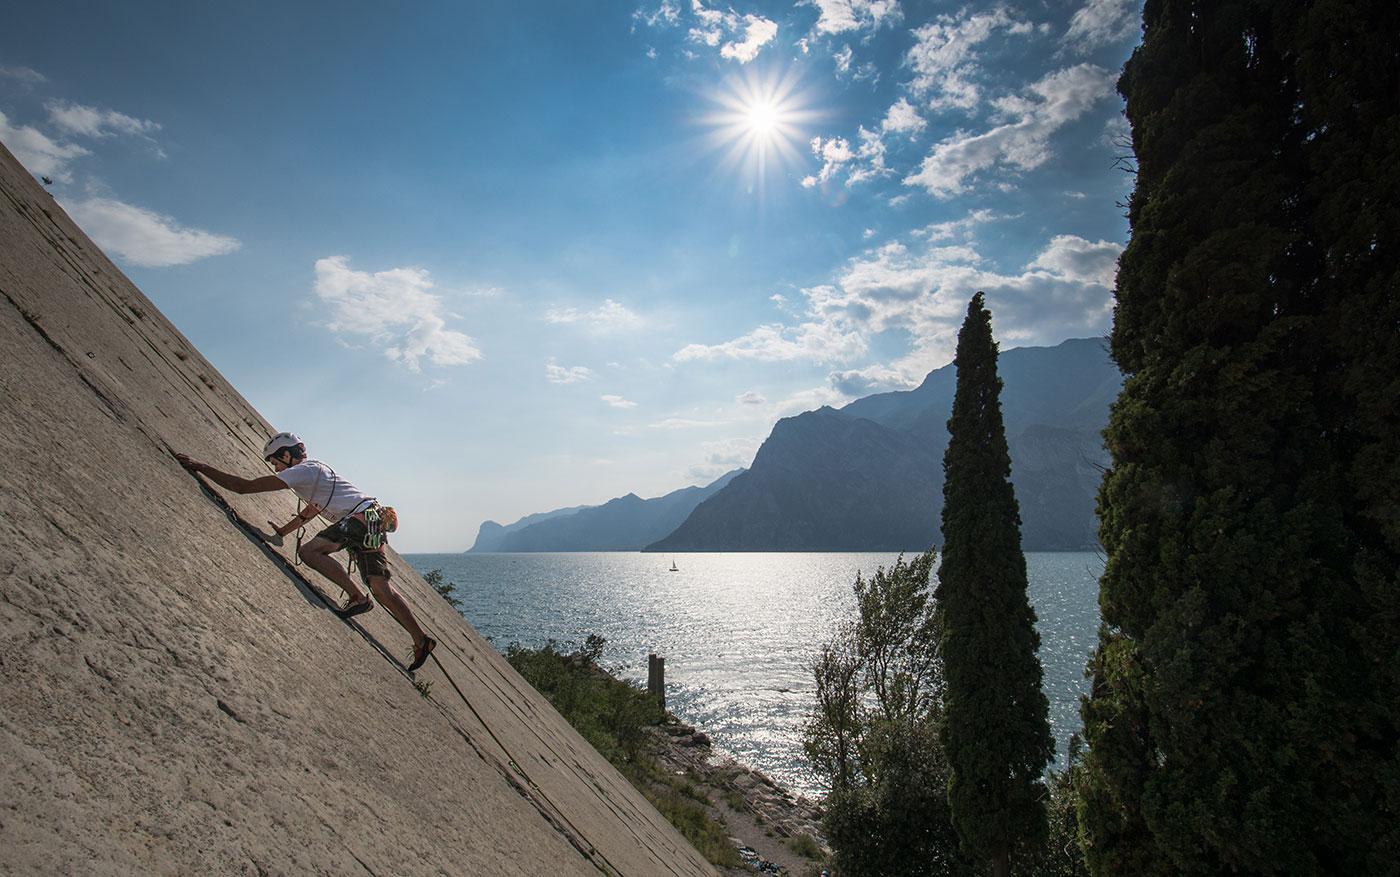 corso arrampicata avamzato al lago di garda per adulti